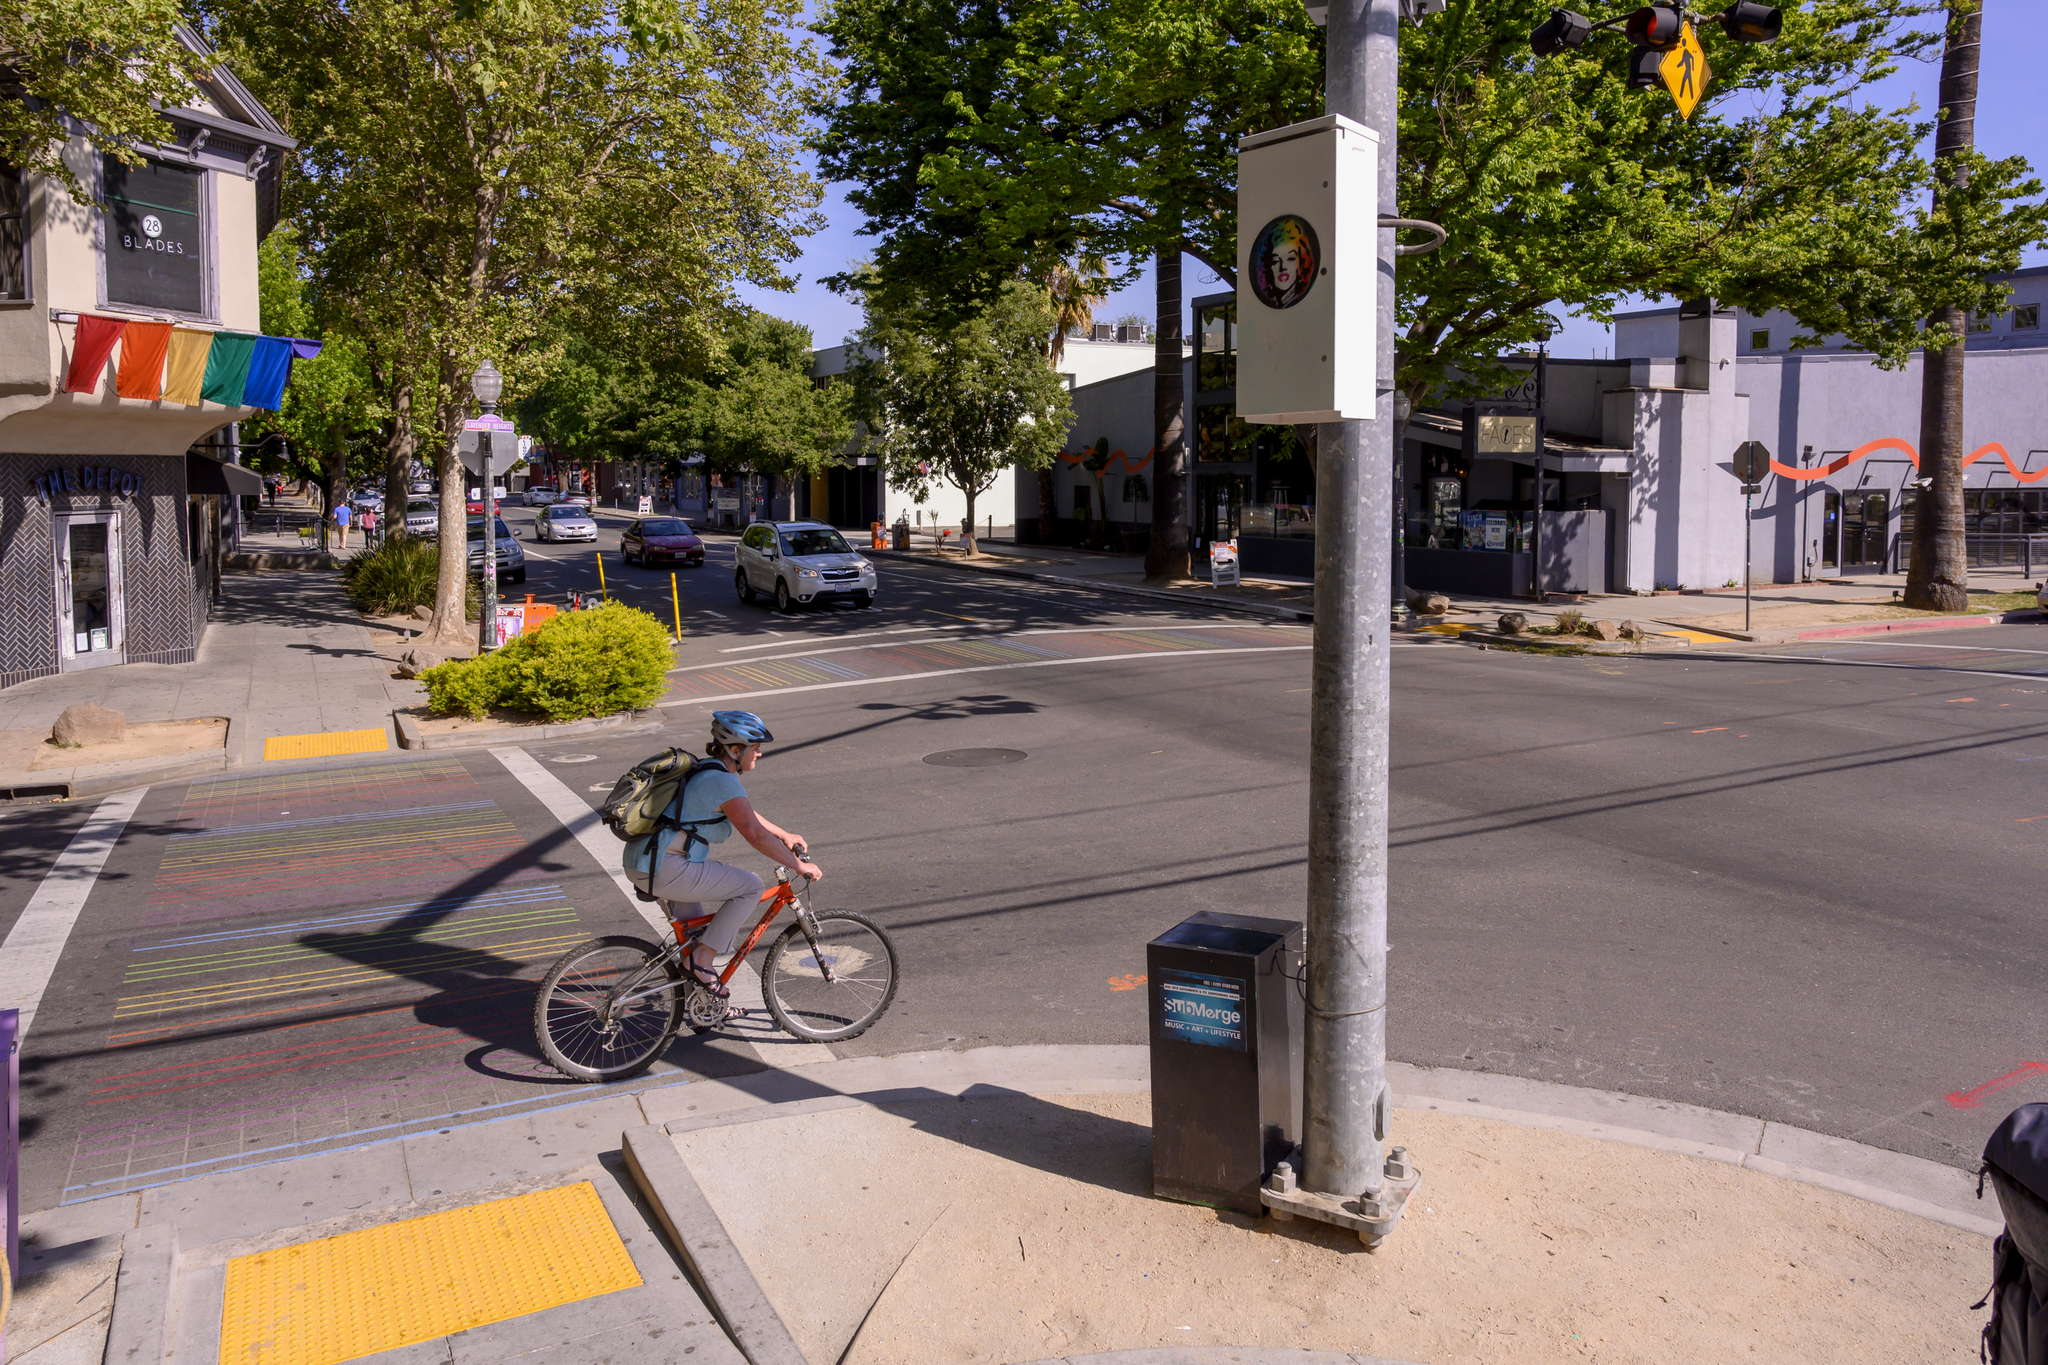 Sacramento_8-_Kerry_Lechich_-_050719_Lanender